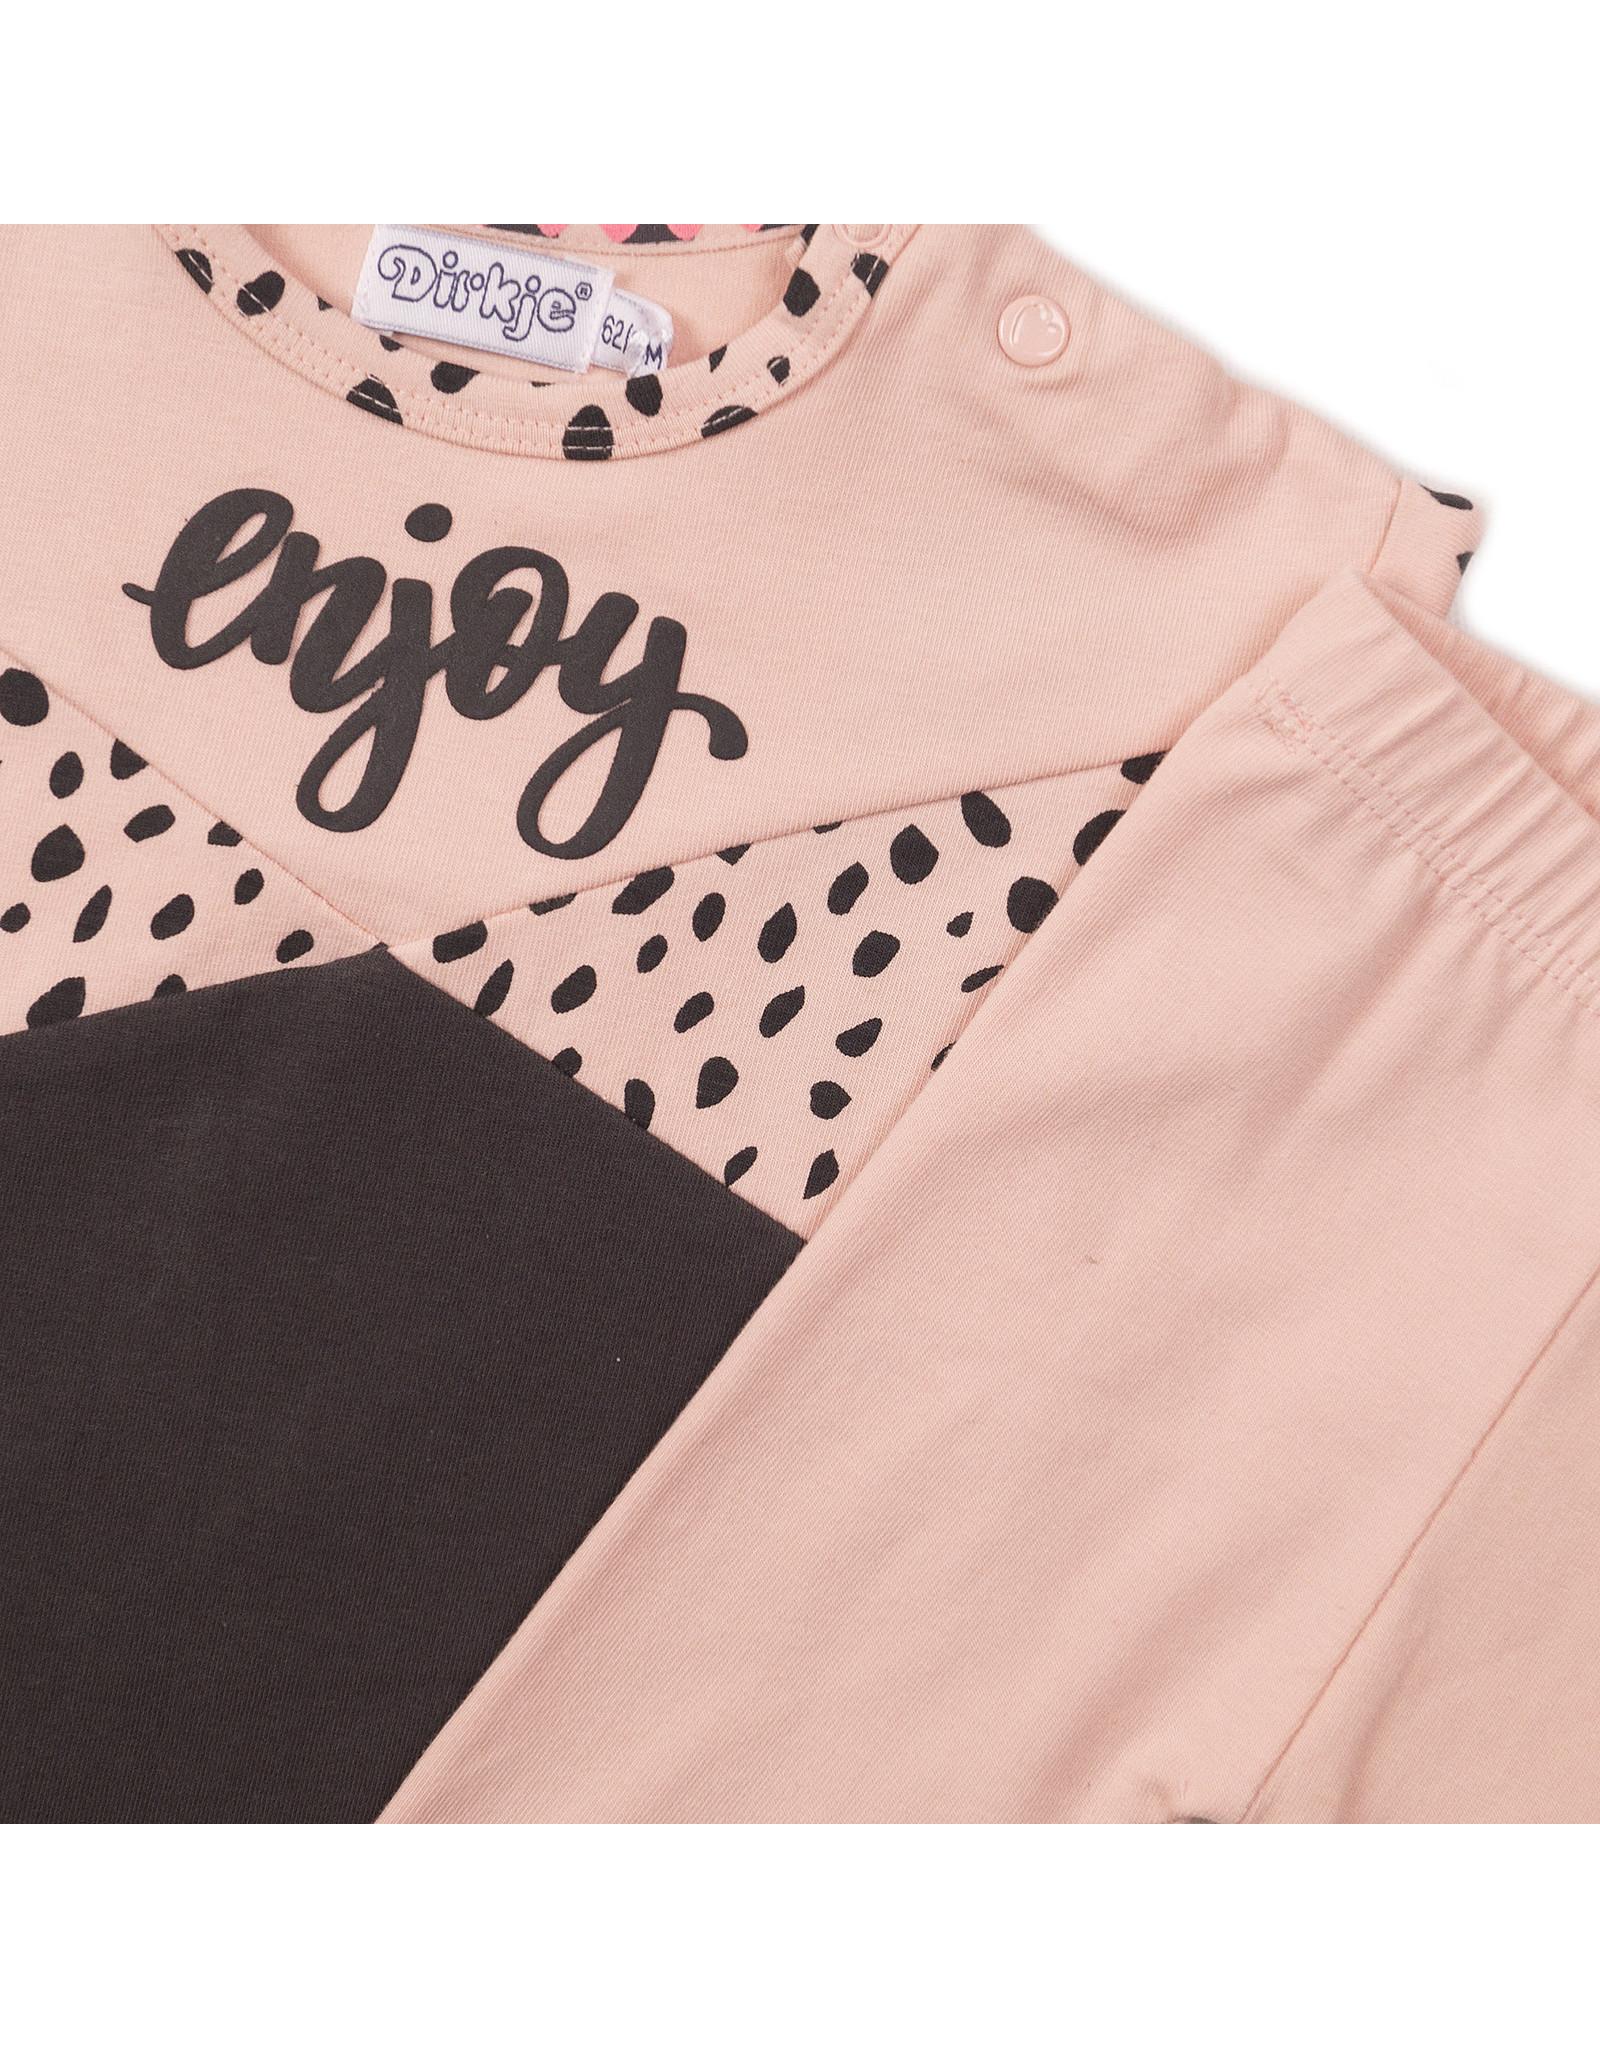 Dirkje Dirkje baby meisjes setje Enjoy Pink Grey